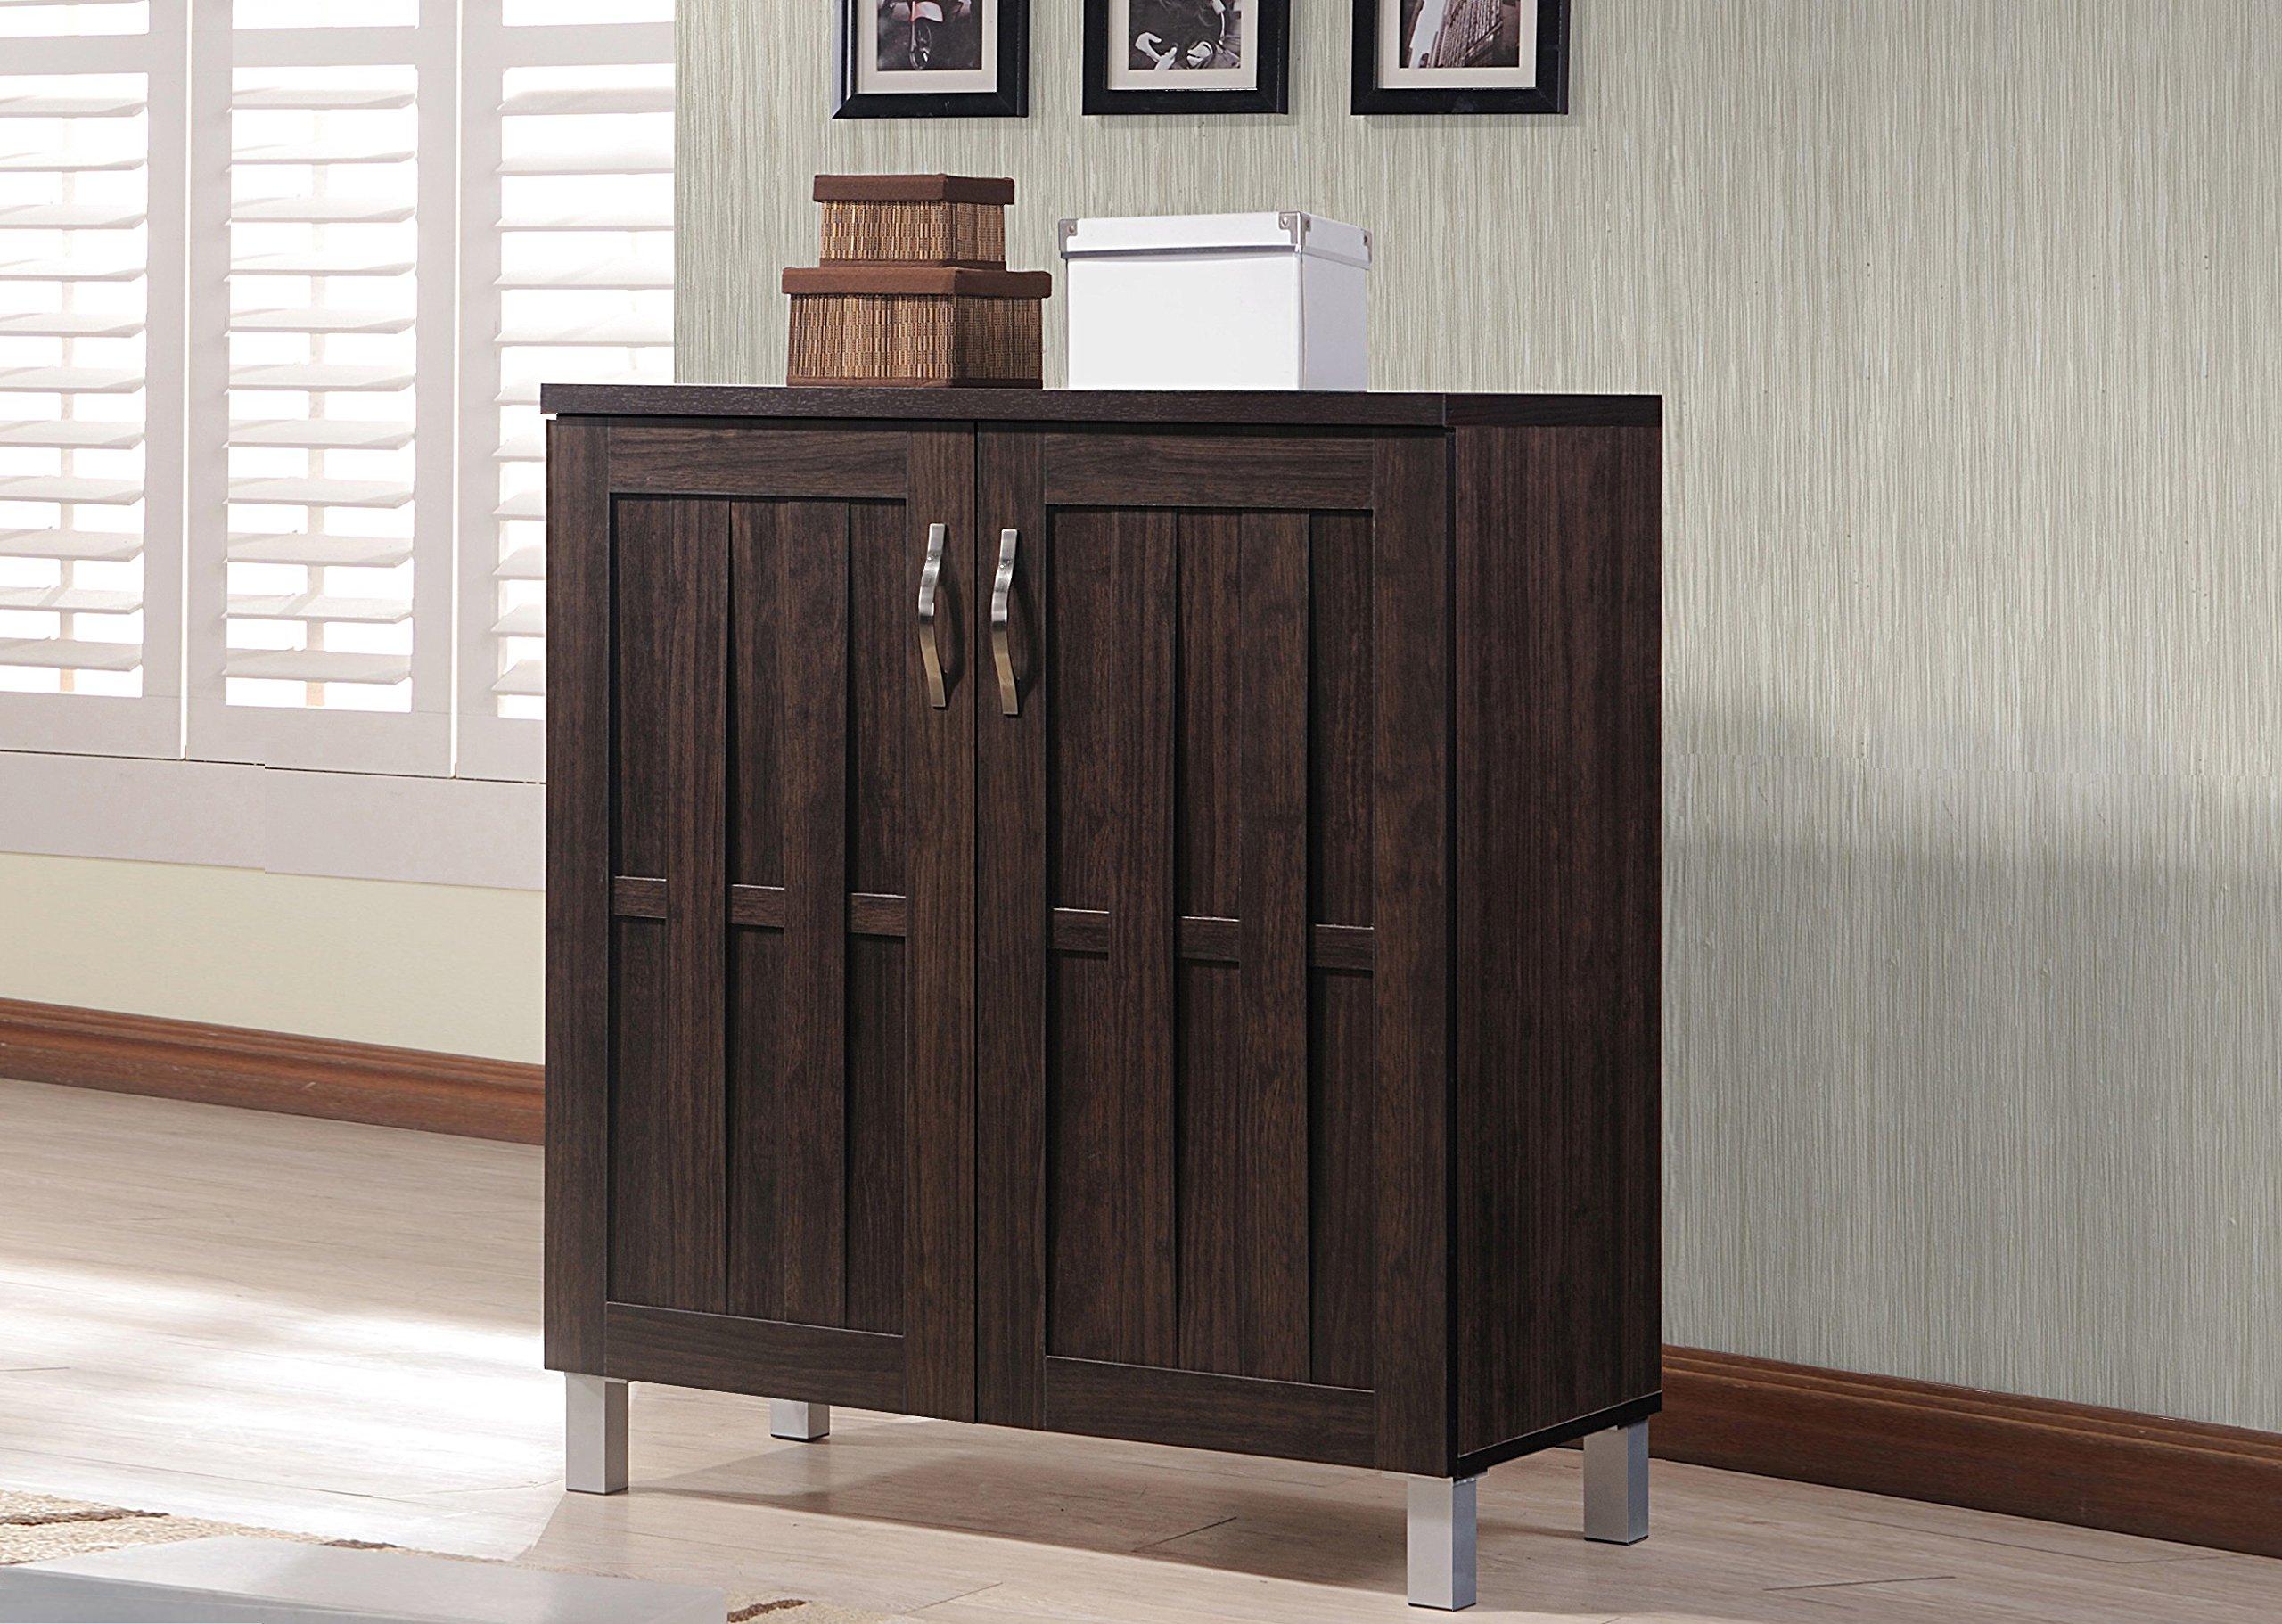 Baxton Studio Wholesale Interiors Excel Sideboard Storage Cabinet, Dark Brown by Baxton Studio